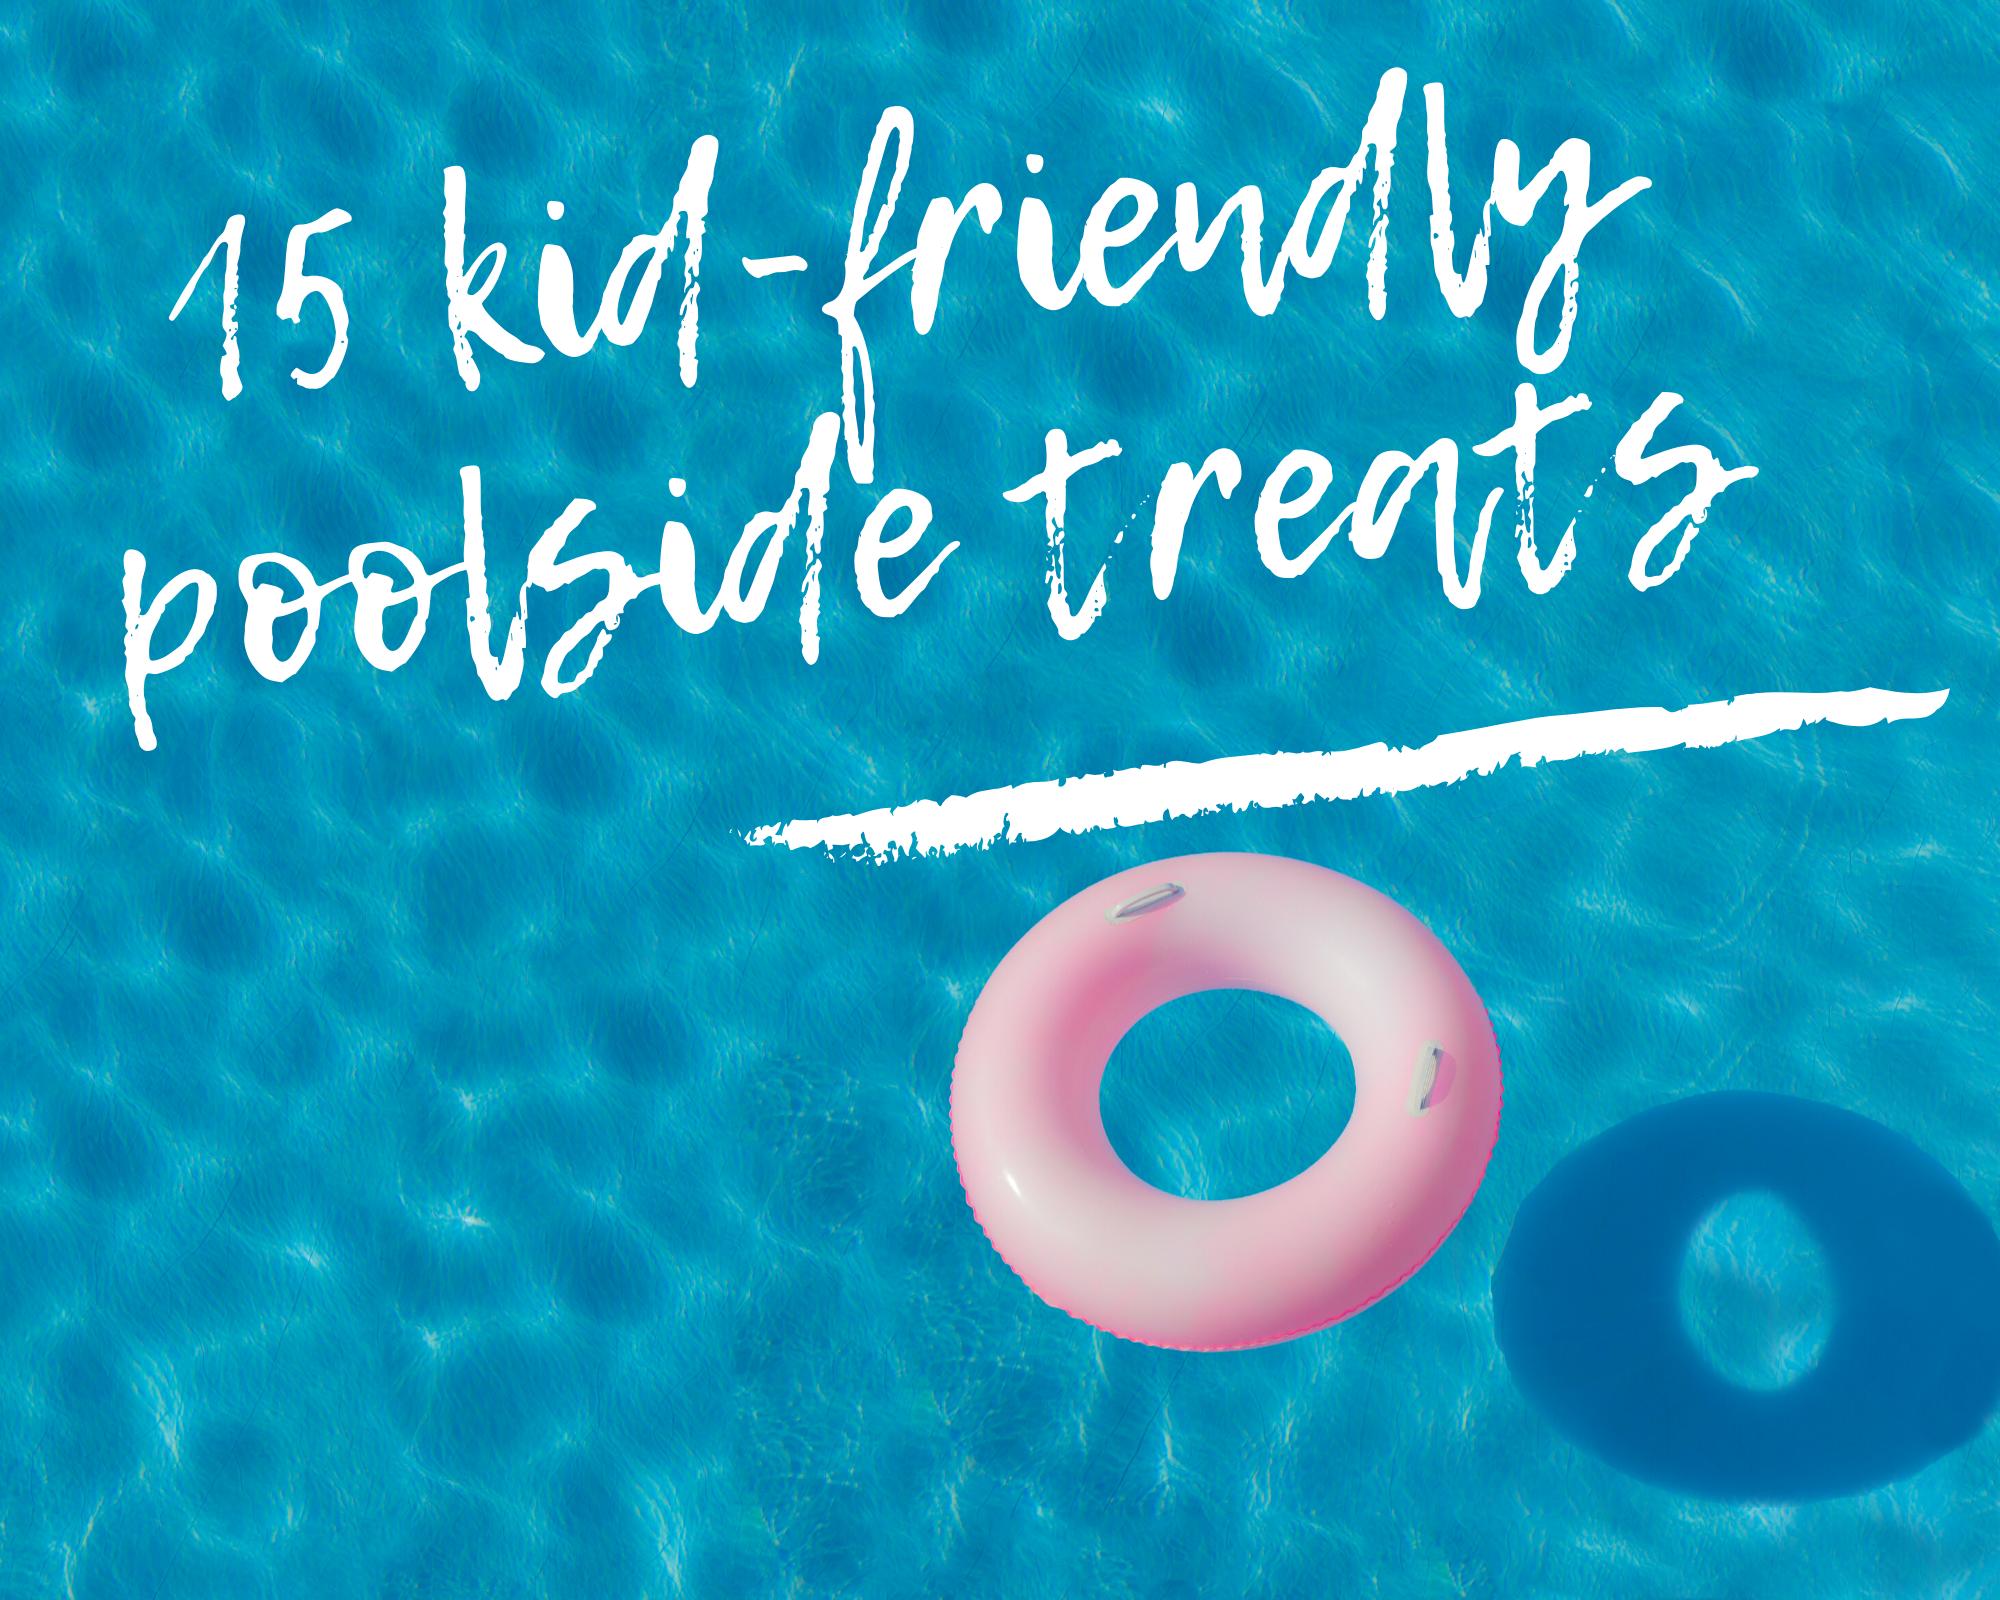 Kid-friendly pool treat recipes